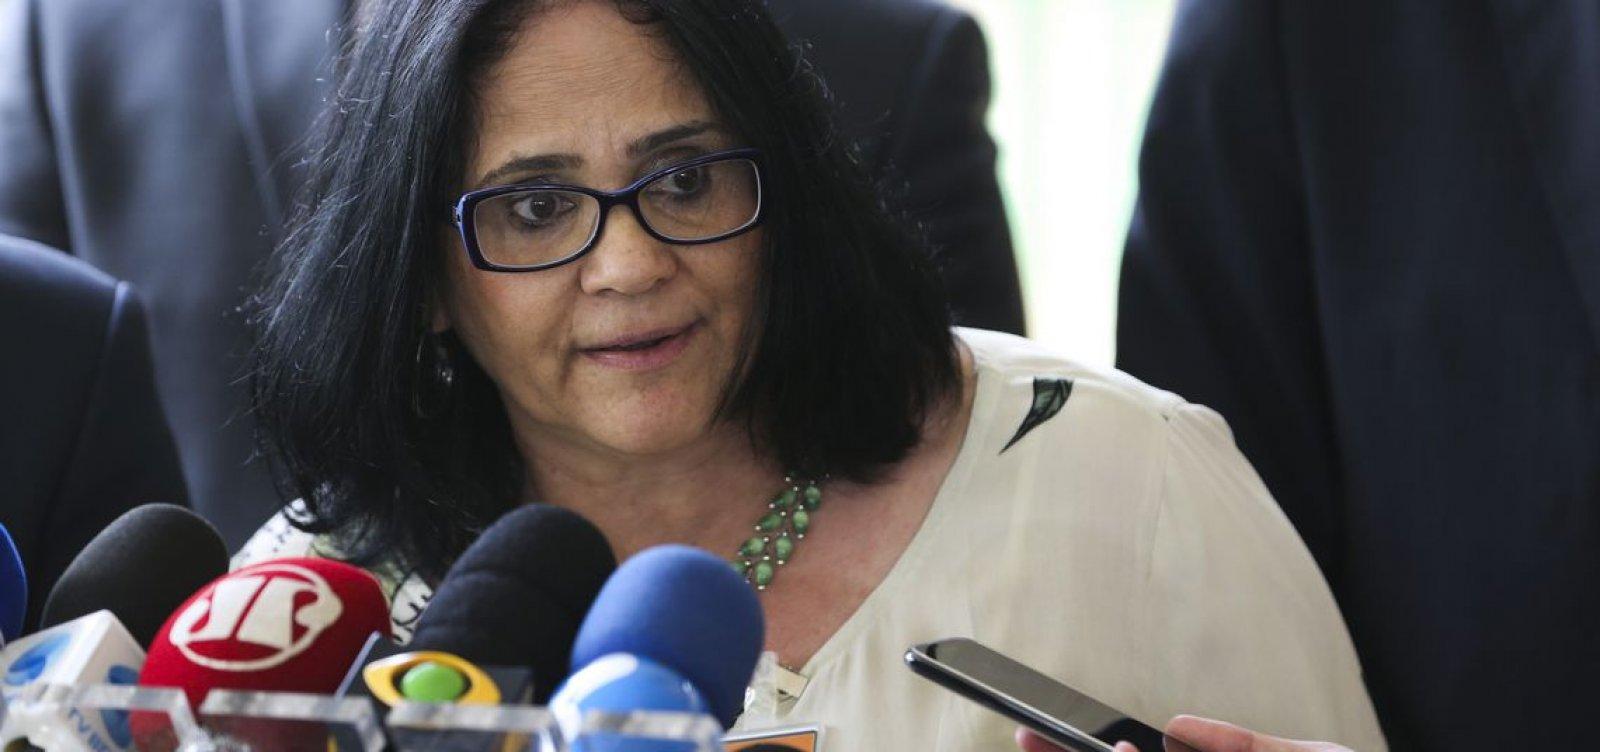 [Ministra da Mulher, Família e Direitos Humanos, Damares Alves pede demissão]